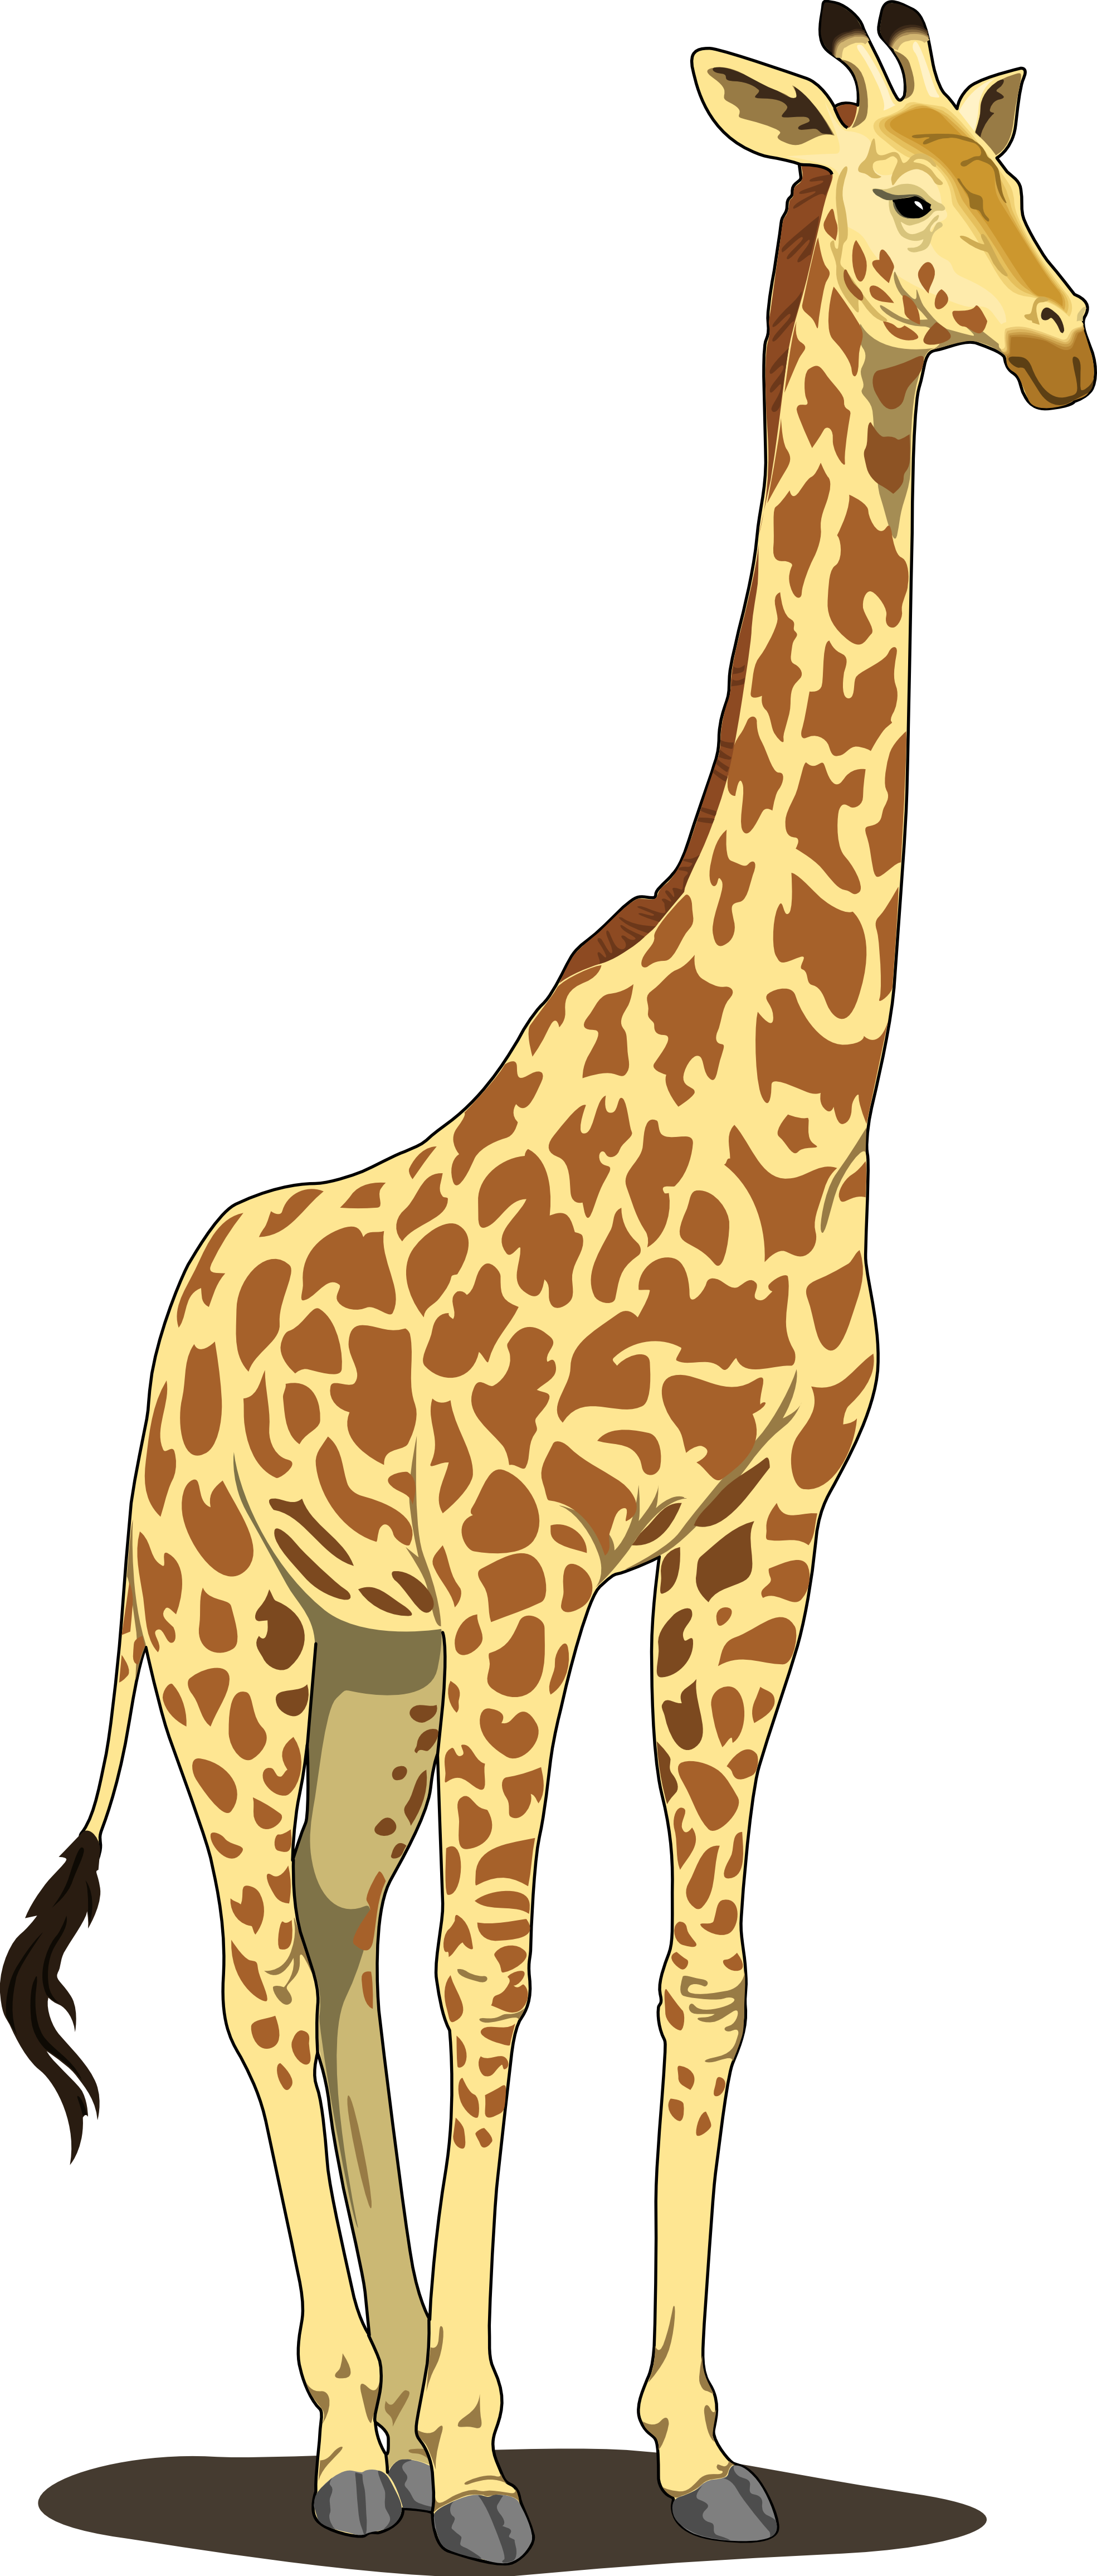 Giraffe Clipart Widescreen 2 HD Wallpapers | Animal ...